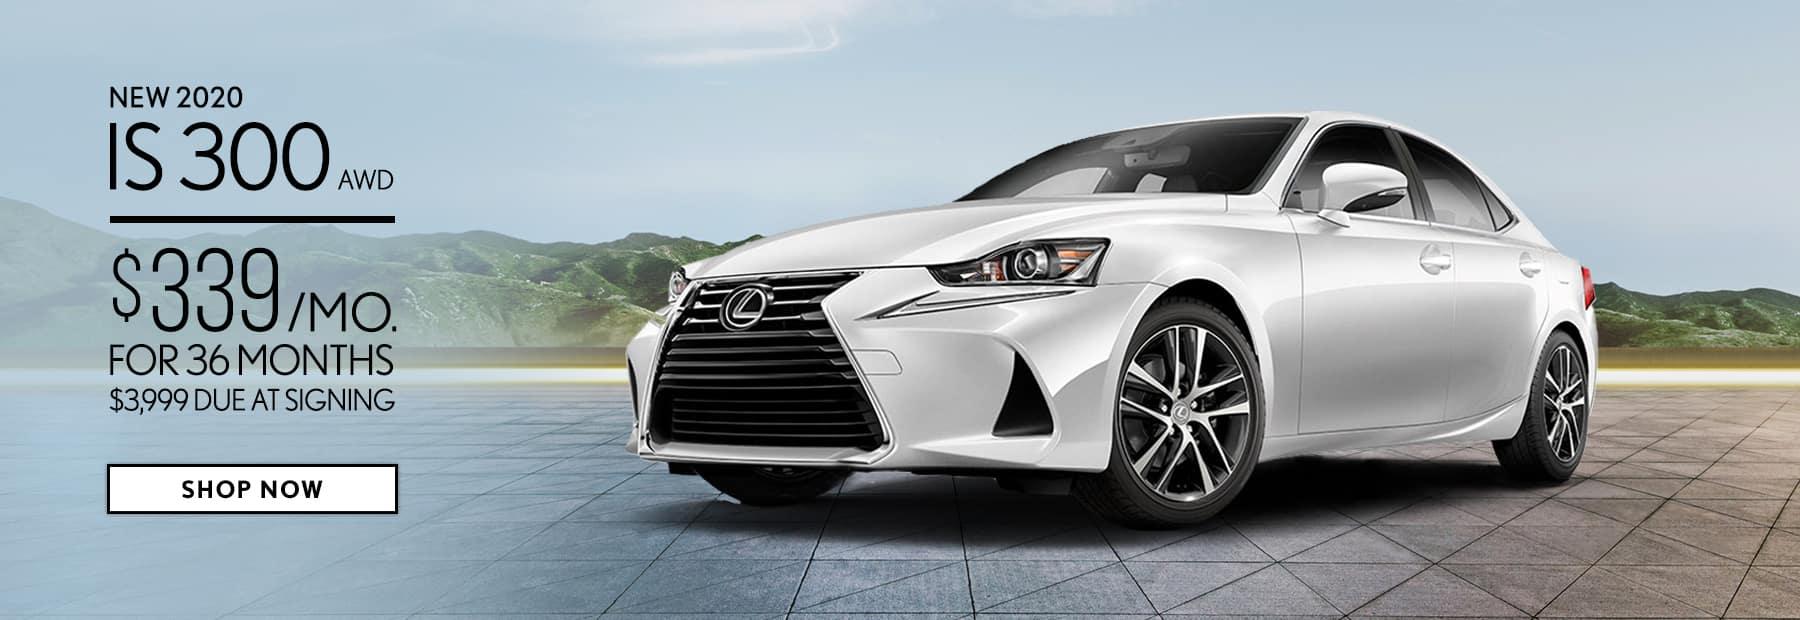 Lease a New 2020 Lexus IS 300 in Cincinnati, OH